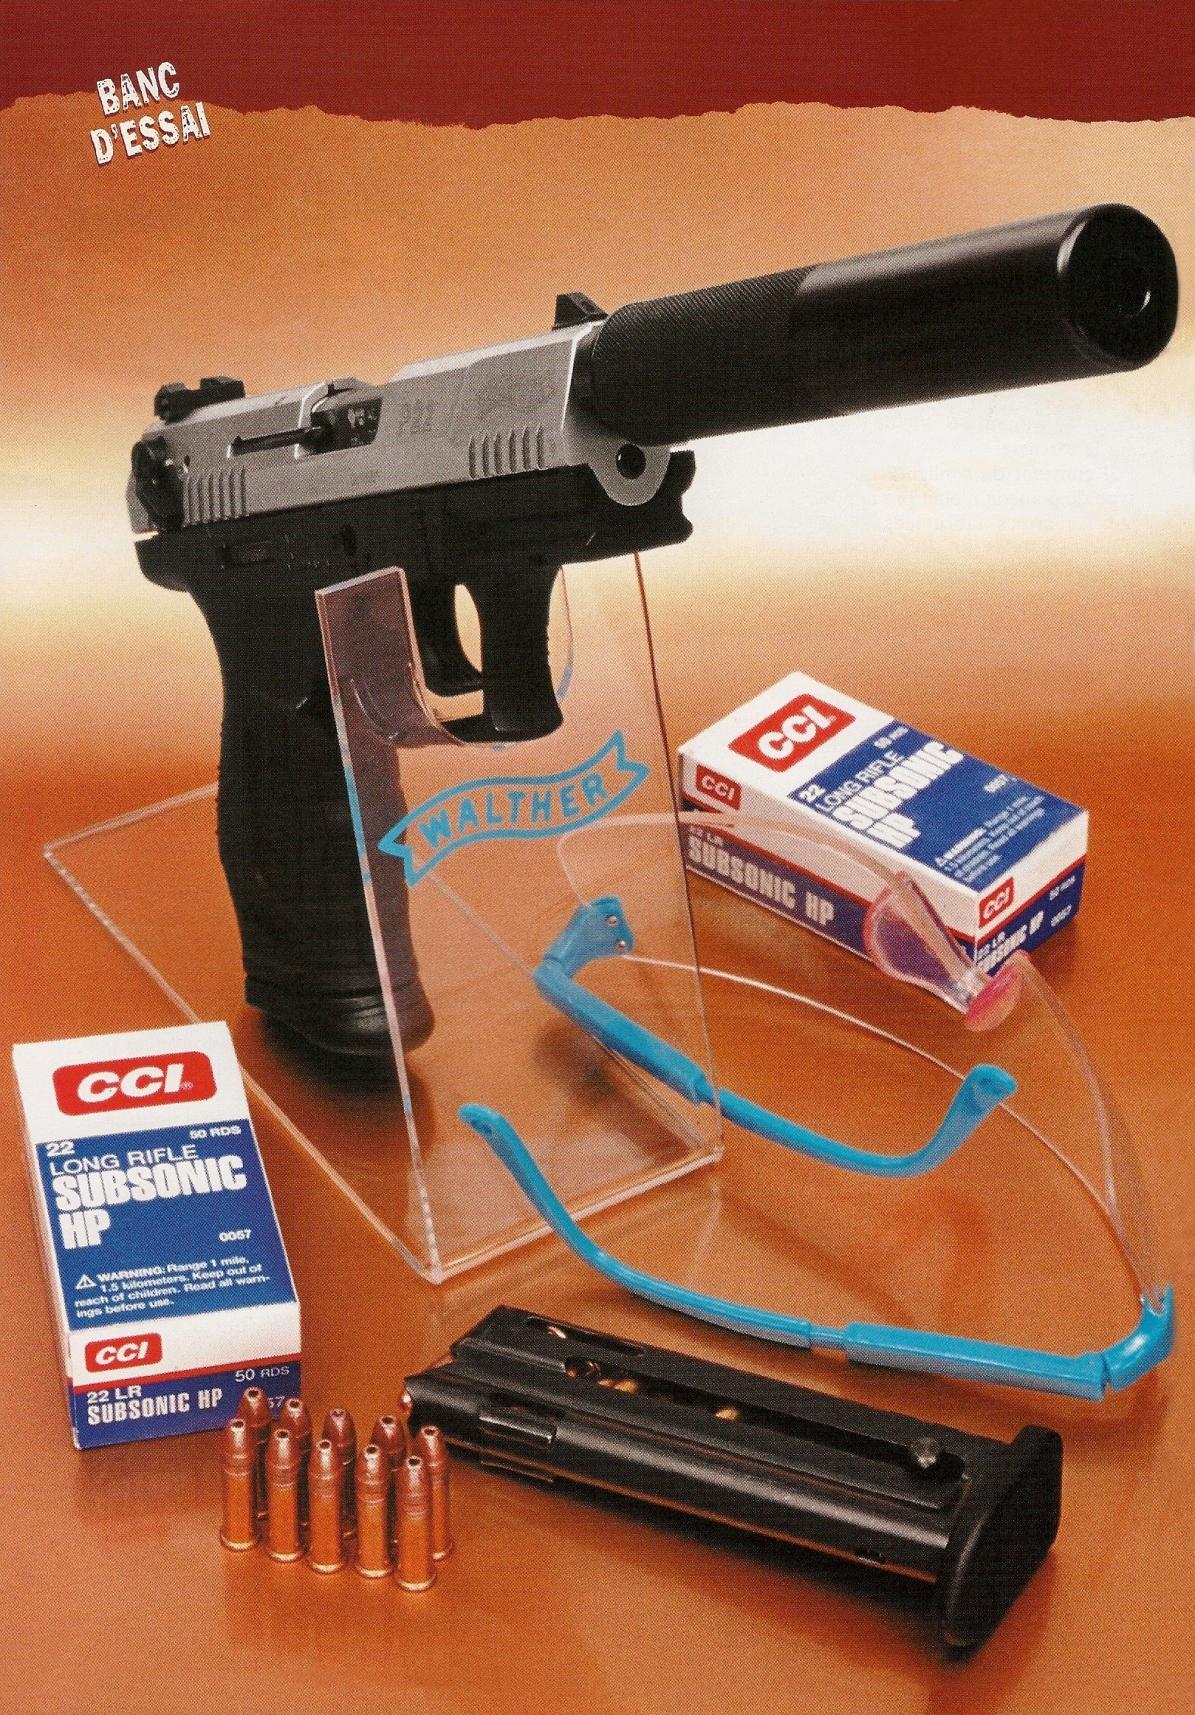 Extrêmement compact et léger, le silencieux Stopson mini SP1 se révèle en parfaite harmonie avec le pistolet Walther P-22. Avec un poids à vide qui ne dépasse pas 600 grammes, cet ensemble reste étonnamment maniable et peut être aisément tiré à bras franc.